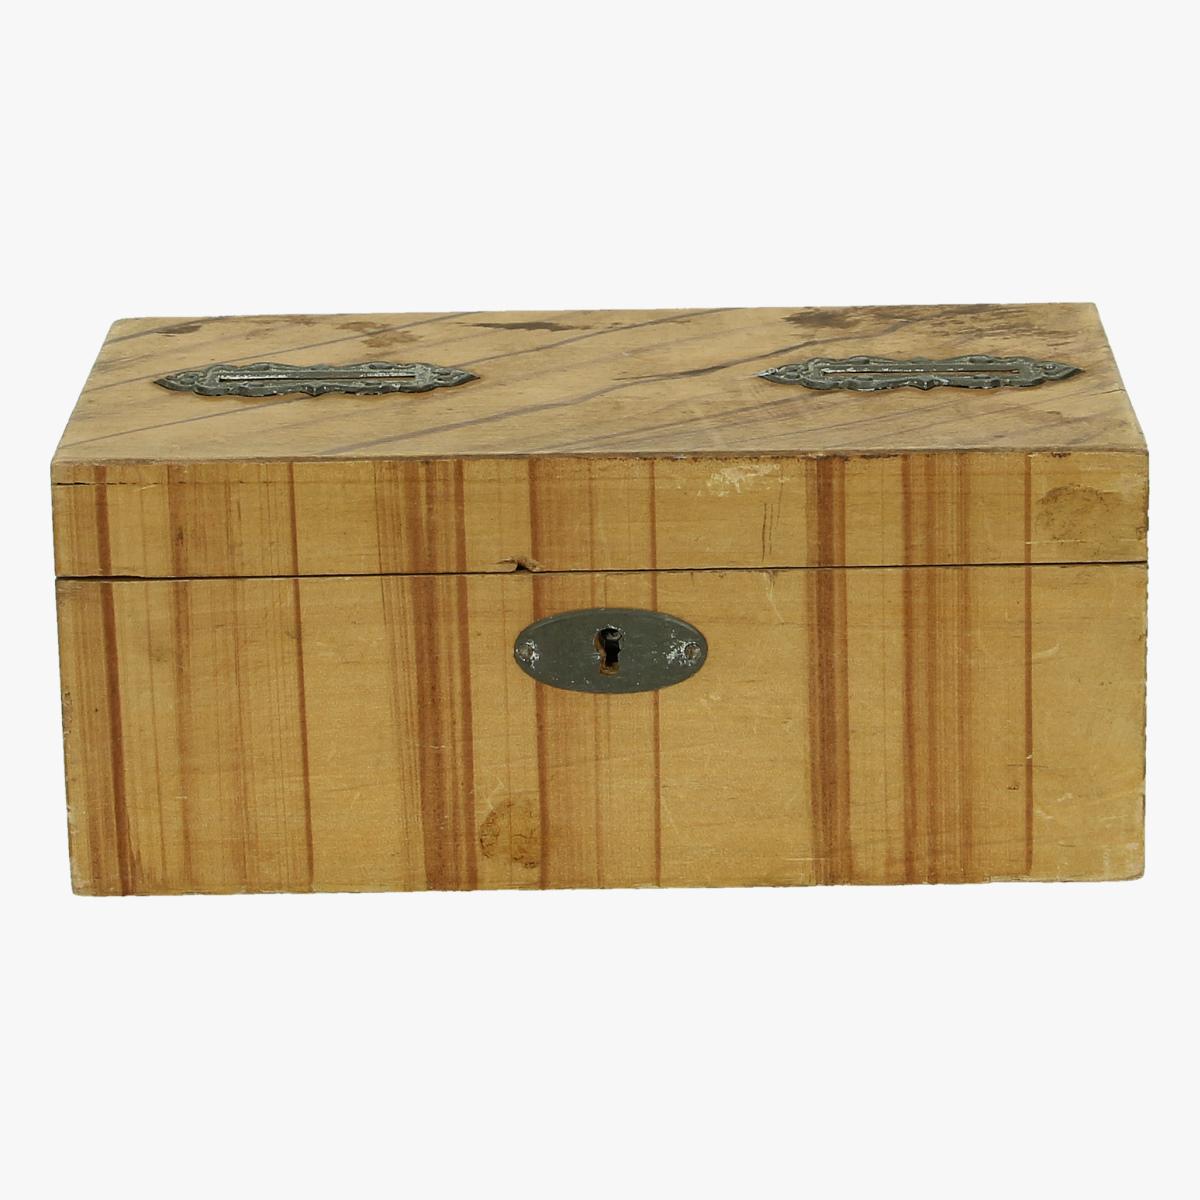 Afbeeldingen van spaarpot houten kistje